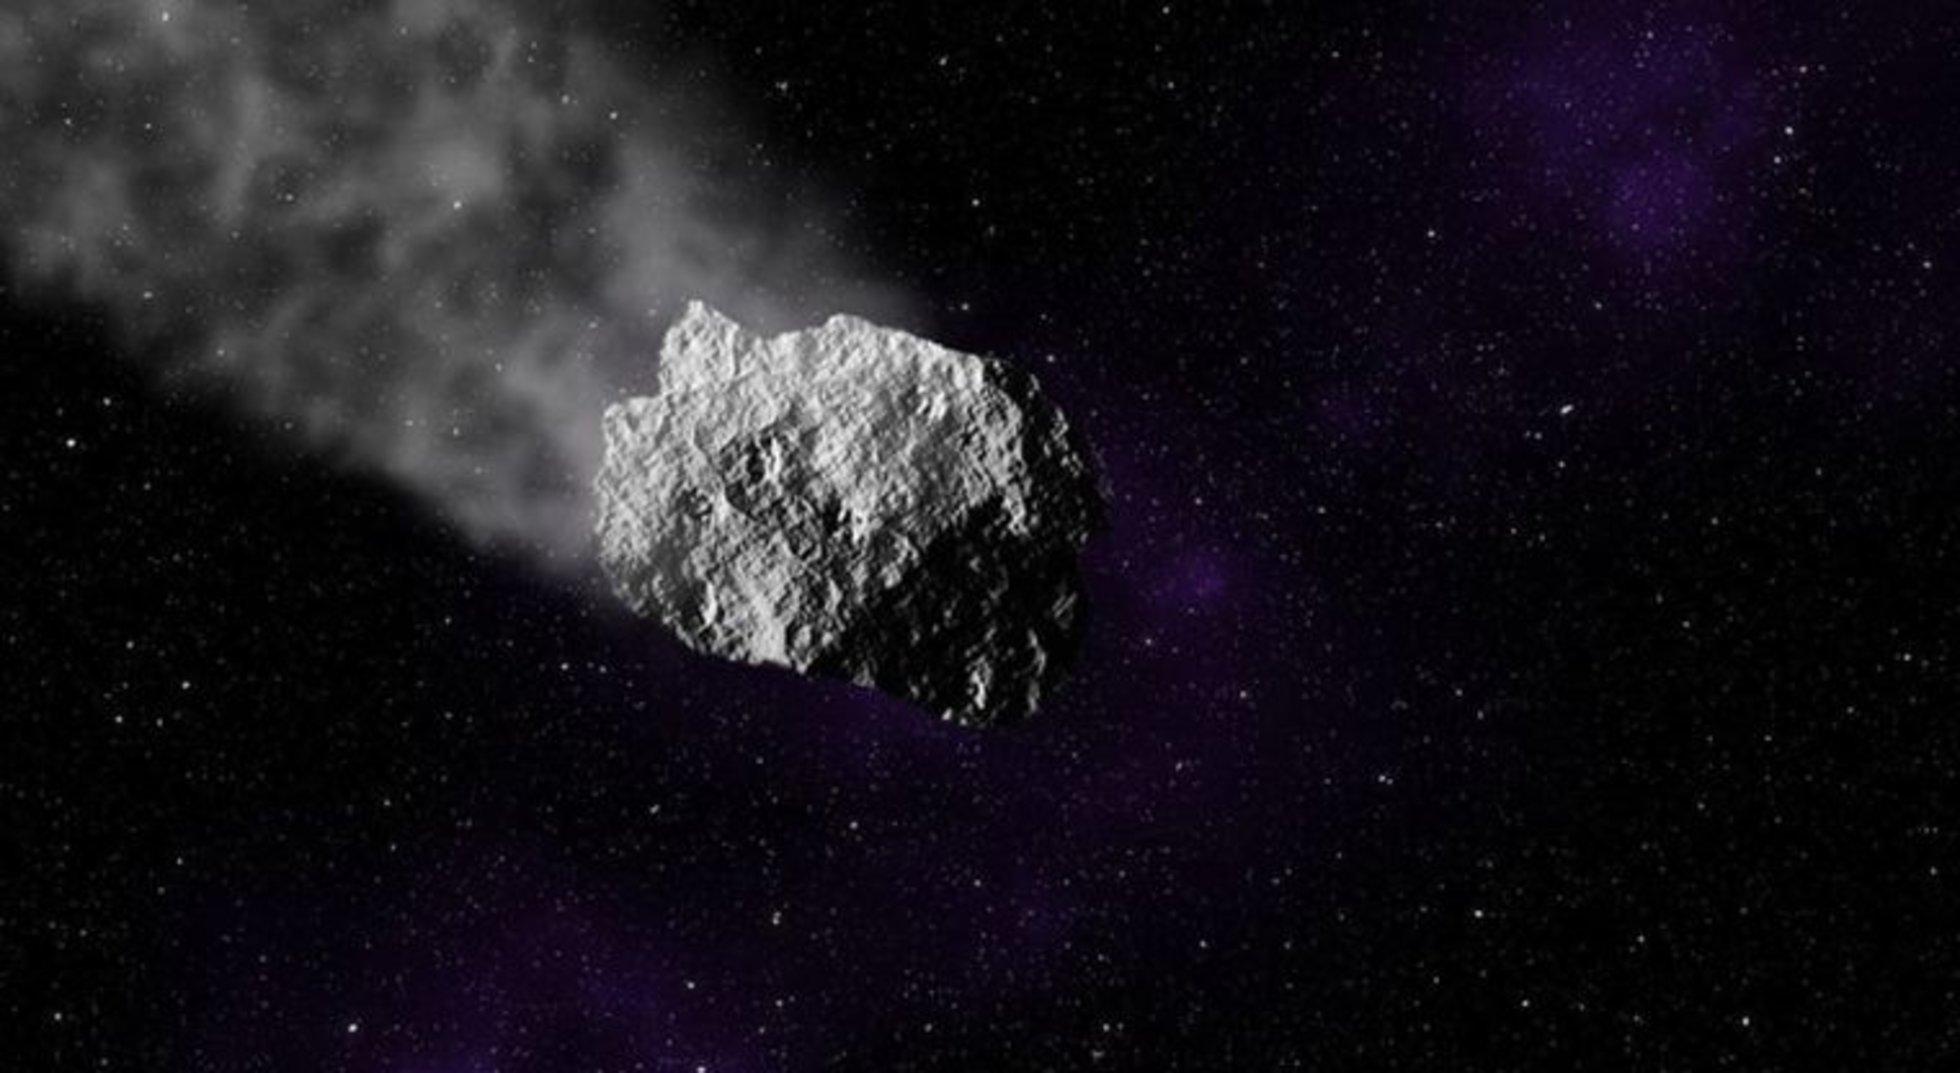 Astrónomos descubren un asteroide procedente de otro sistema solar